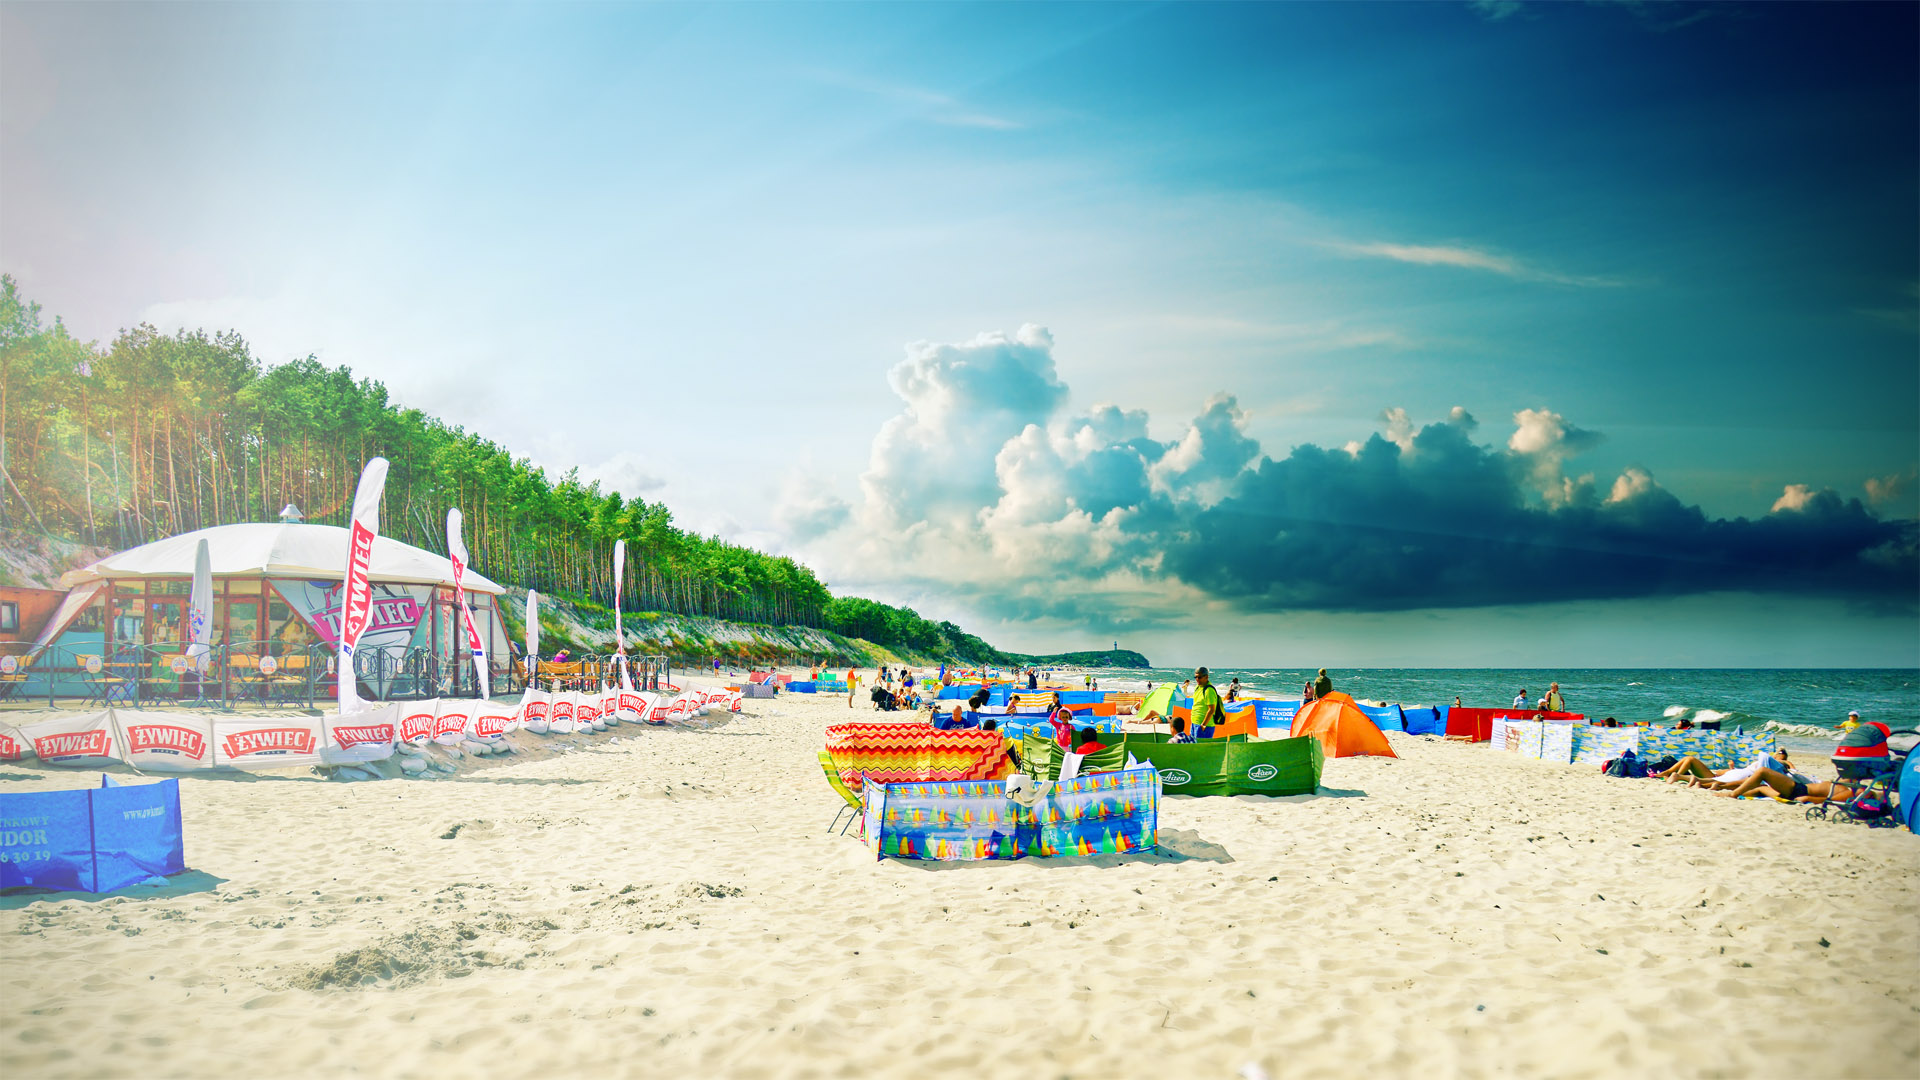 Słoneczny dzień, za parawanami opalają się turyści. Przy wydmie bar plażowy.